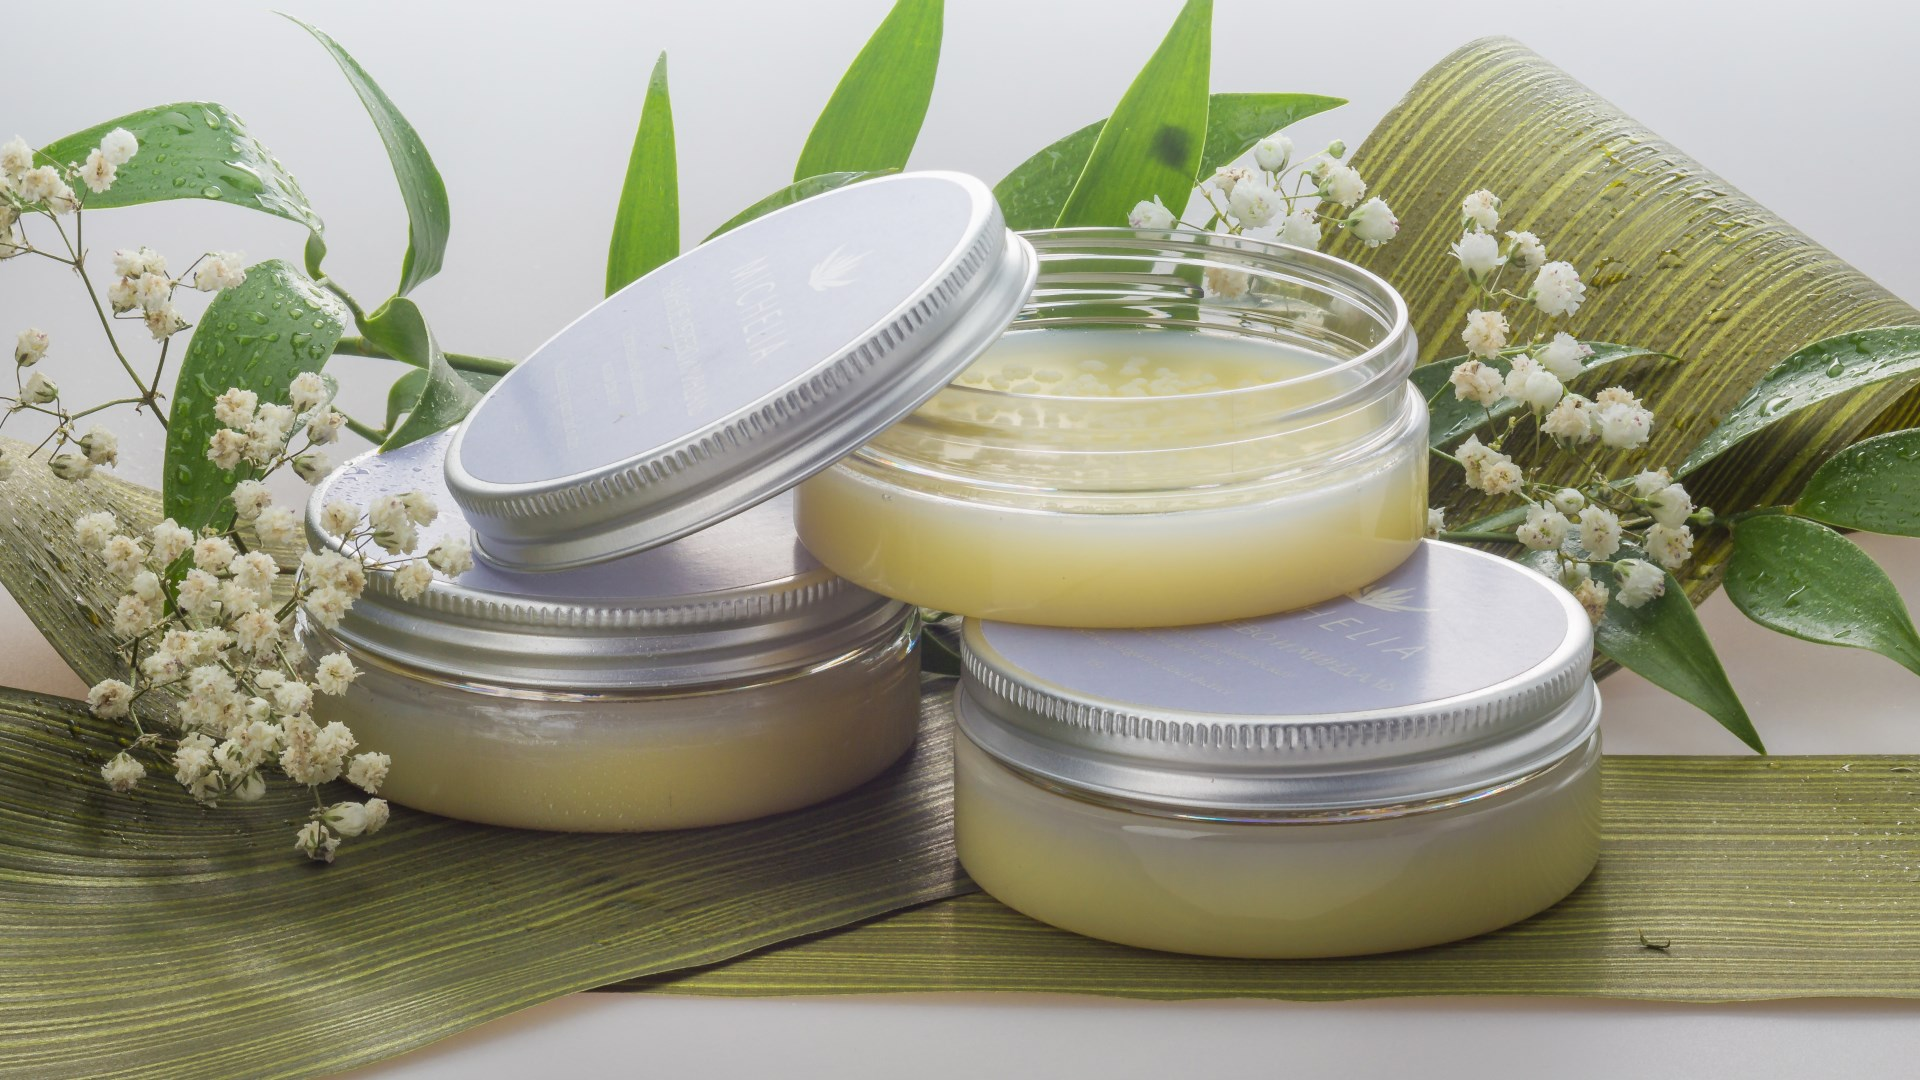 cosmetica zonder schadelijke stoffen